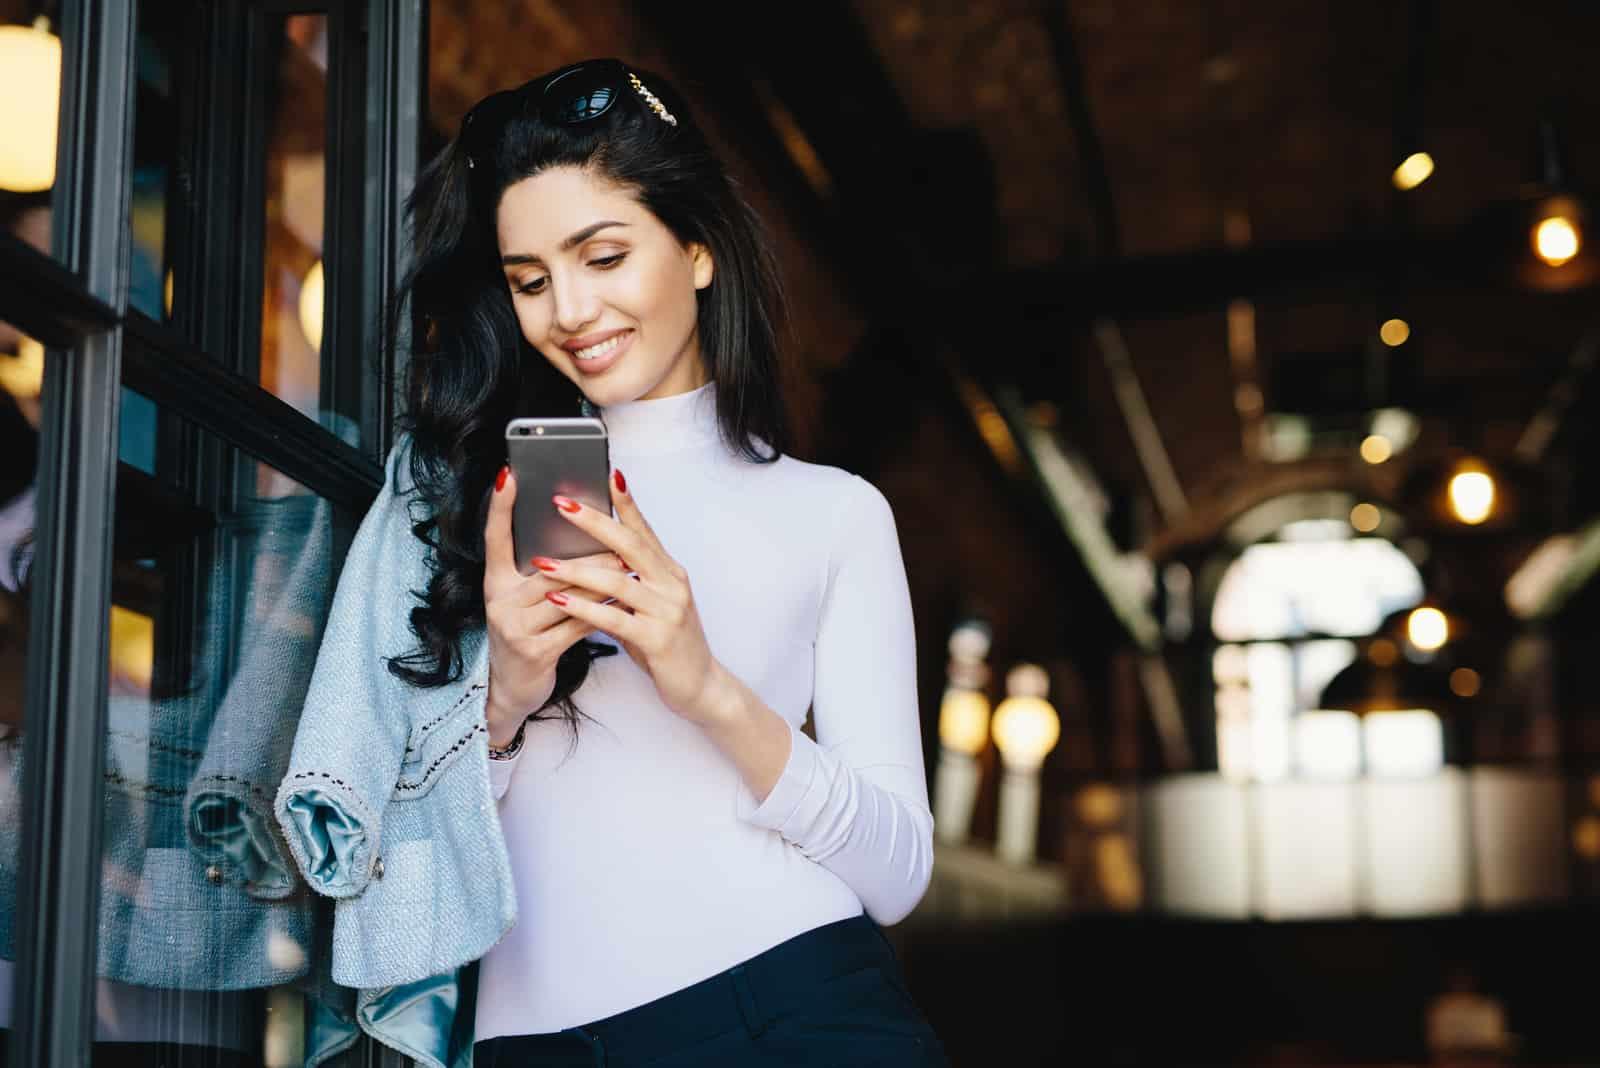 une belle femme aux cheveux noirs se dresse et des boutons sur le téléphone